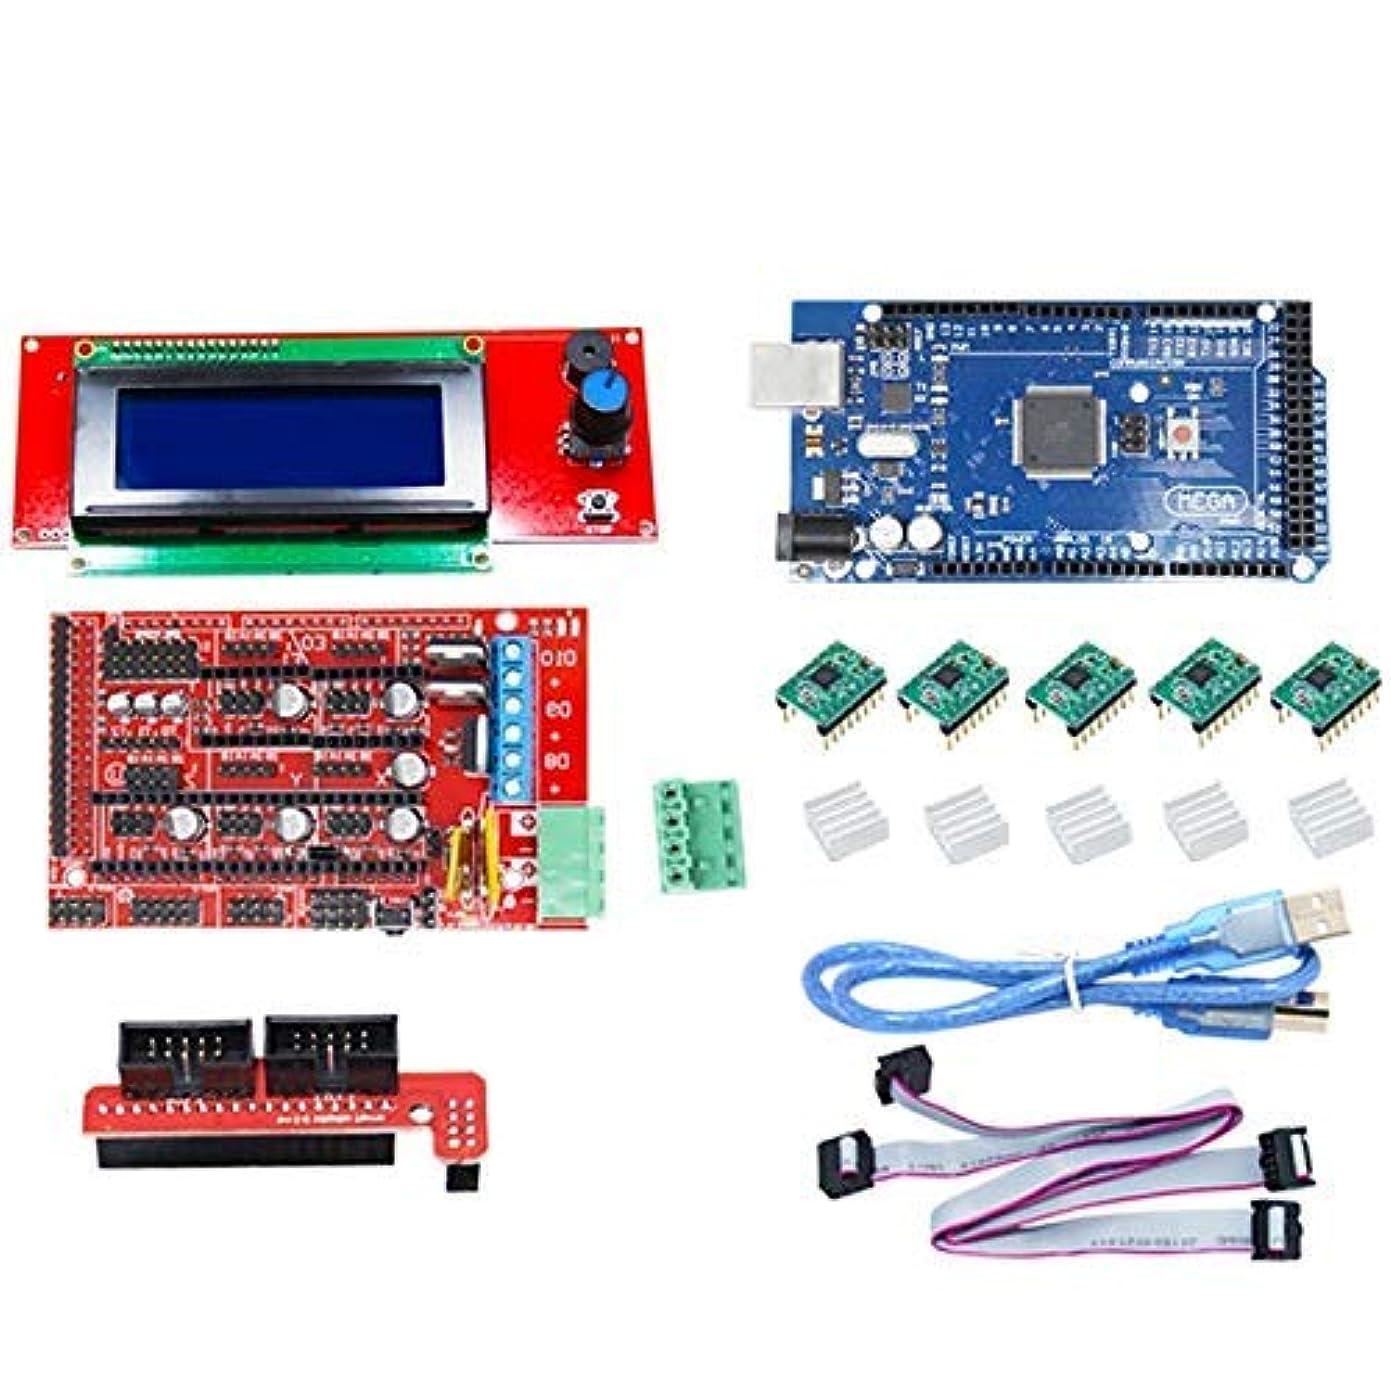 船上ペルー書道AiCheaX-Arduino Mega 2560 R3 RAMPS 1.4 LCD 2004リミットスイッチA4988ステッパードライバー用CNC 3Dプリンターキット